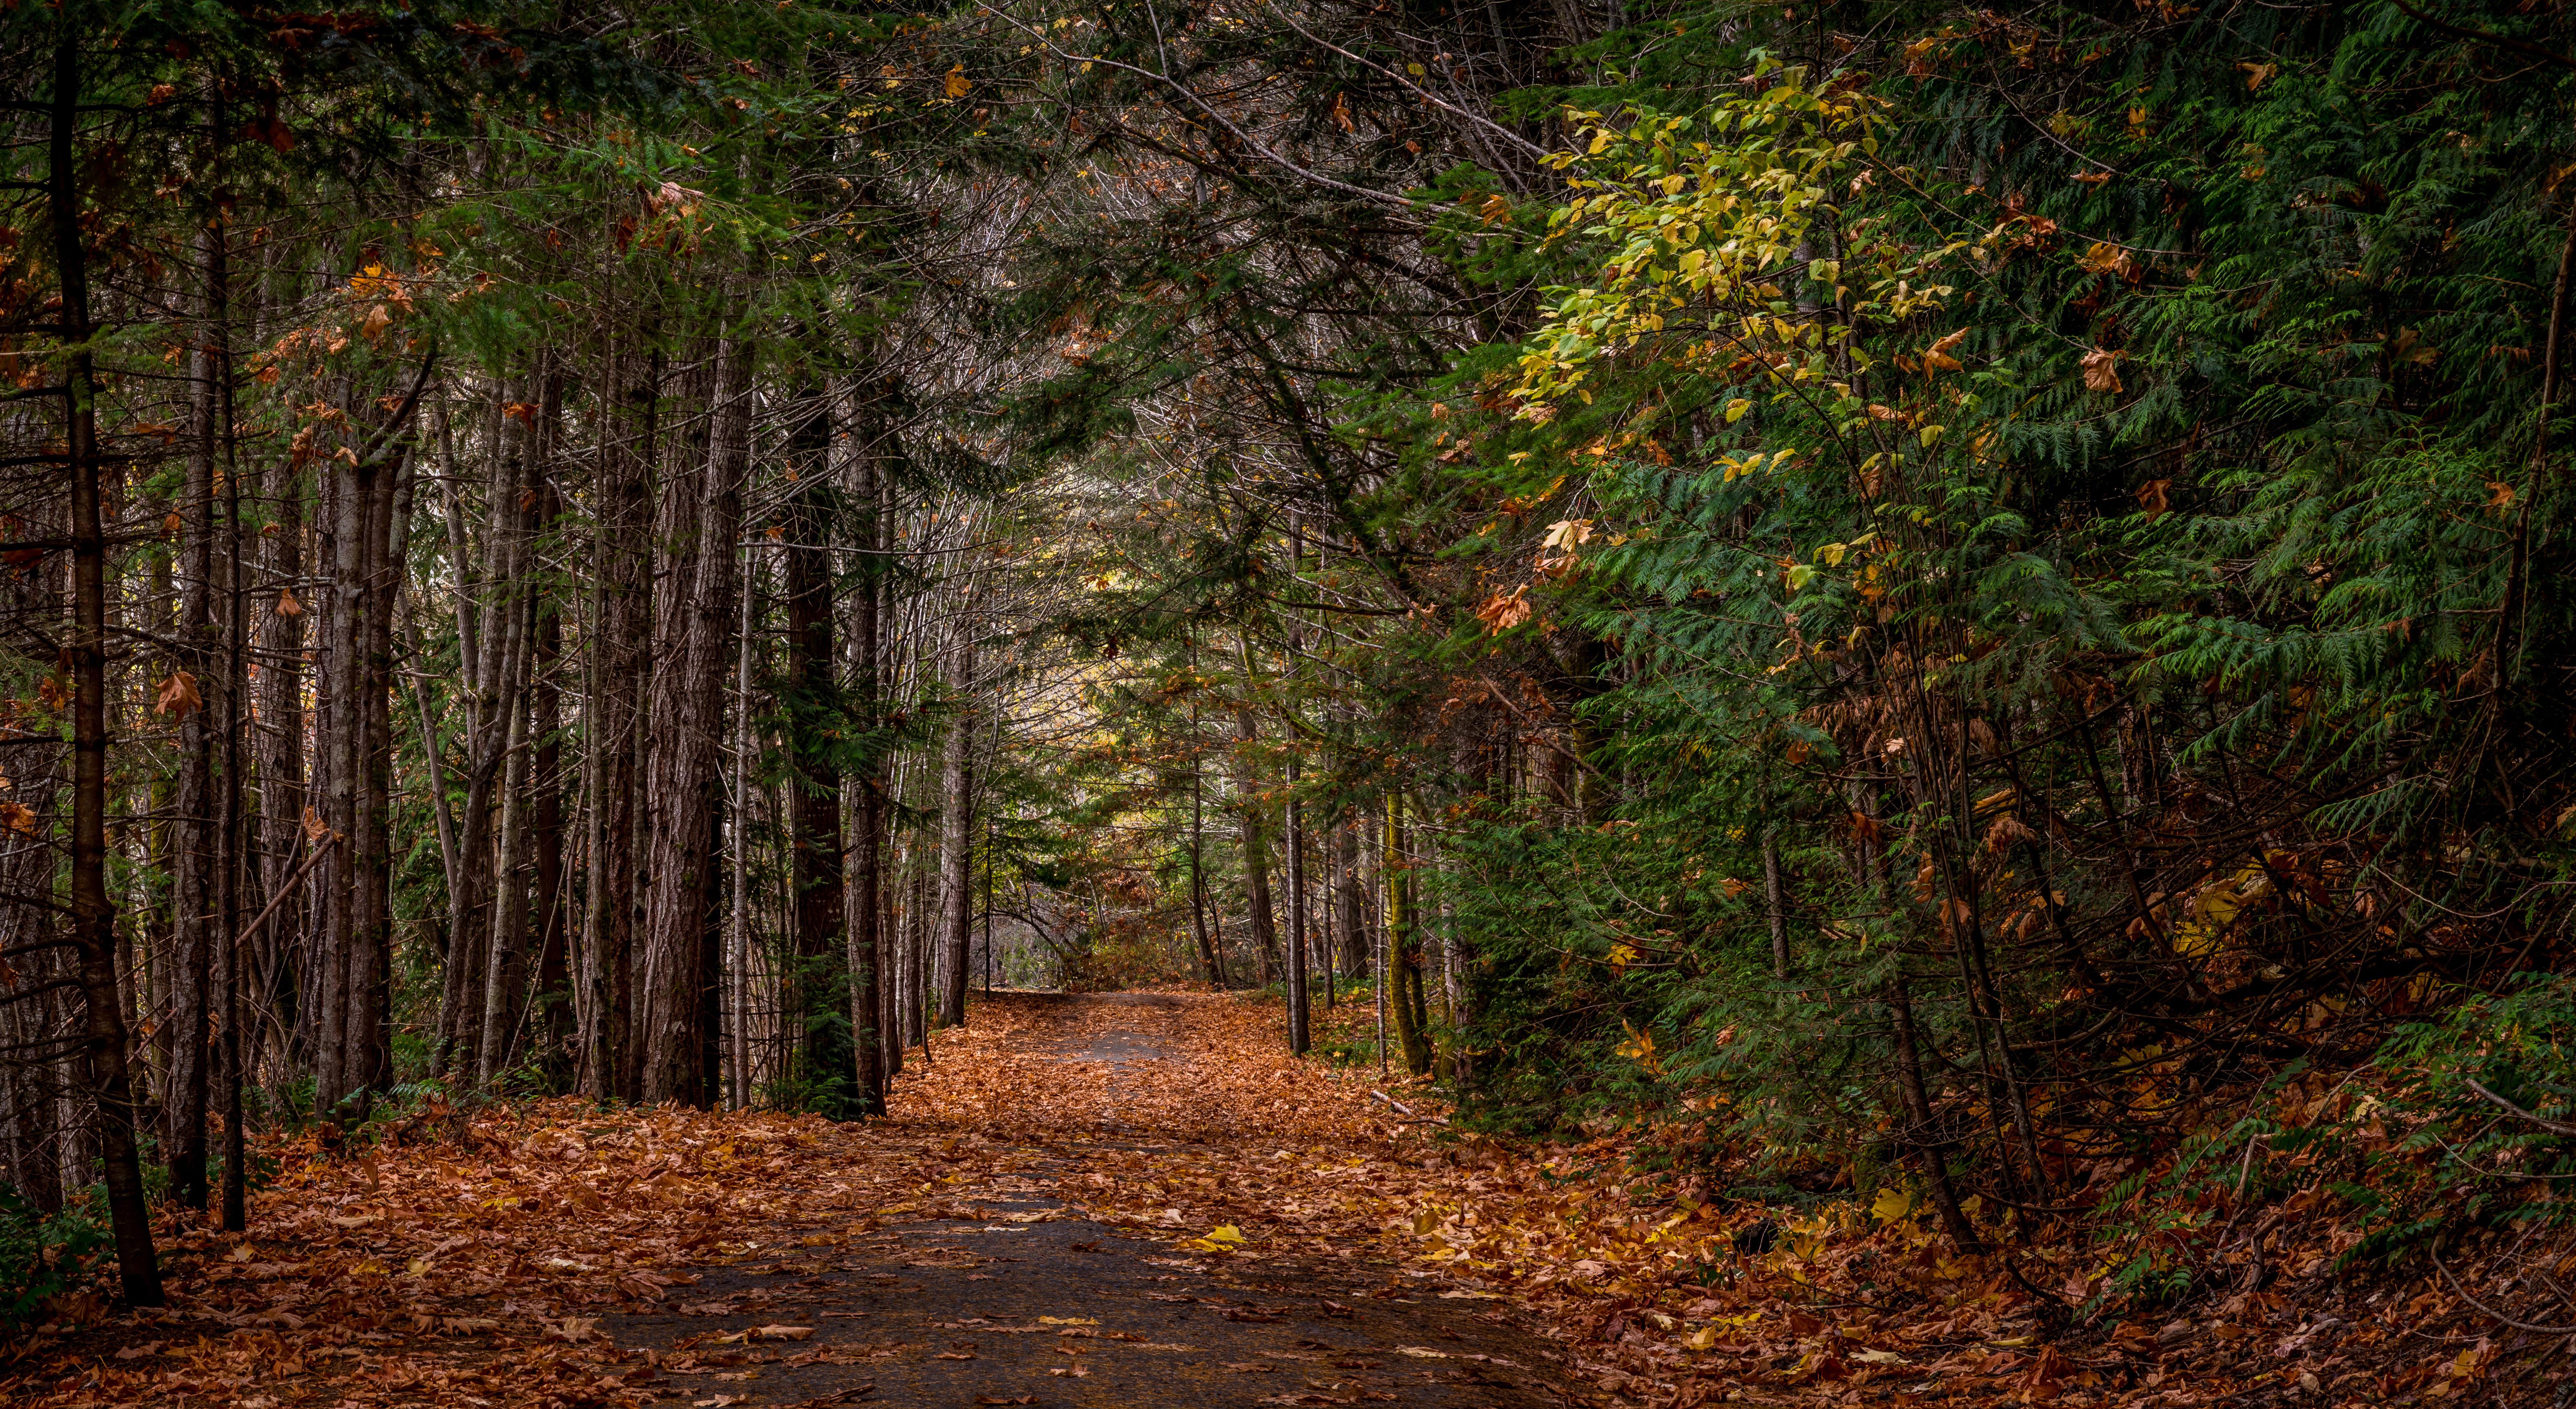 Фотография лист Осень Природа Леса Деревья Листья Листва осенние лес дерево дерева деревьев